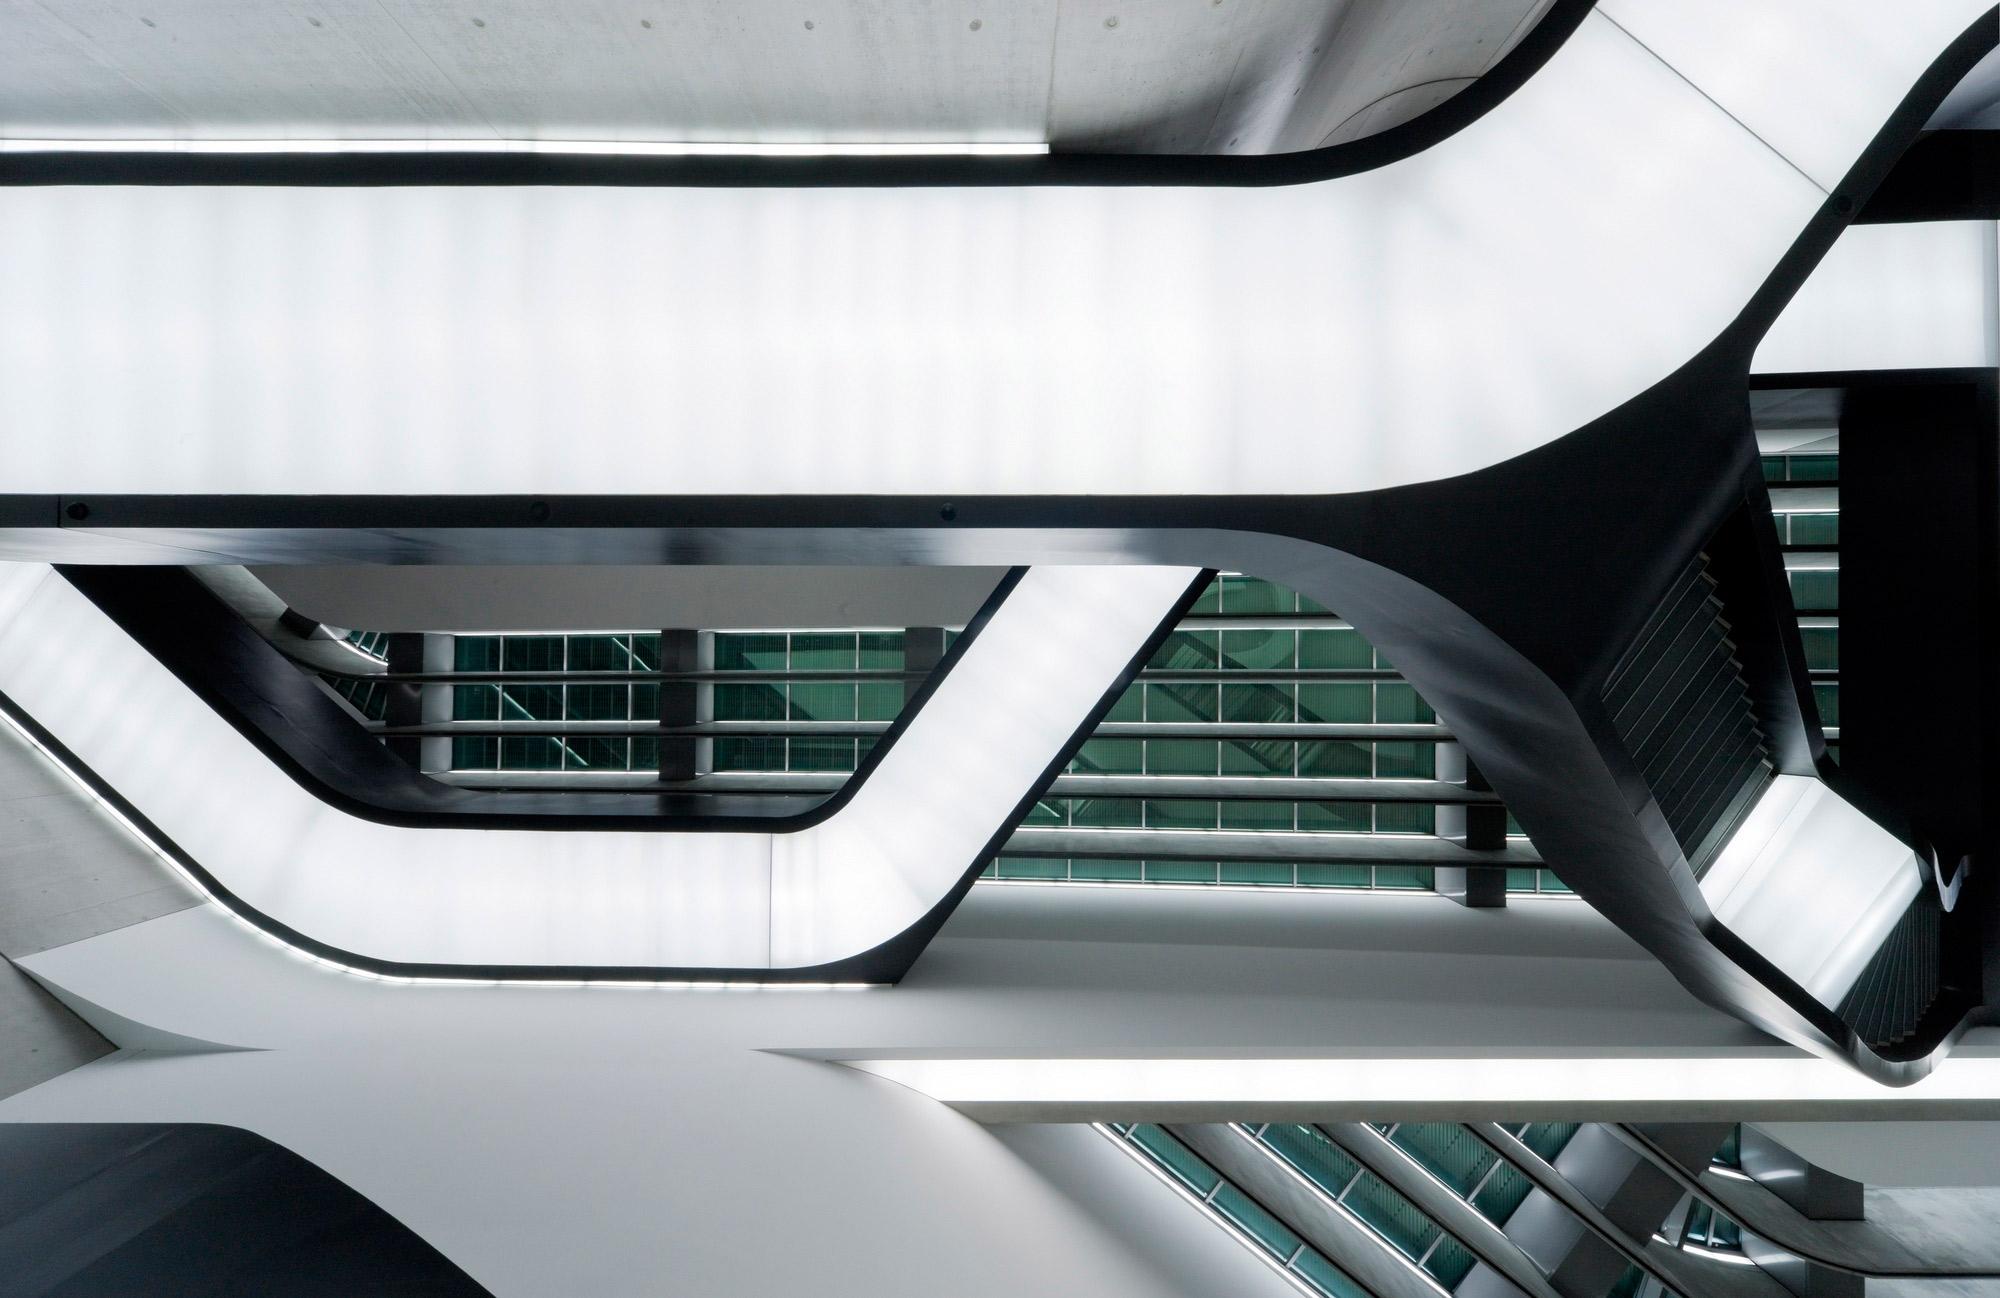 MAXXI - Museo Nacional del siglo XX! de las Artes (1998–2010), Roma, Italia. Ganador del Premio Stirling Prize 2010 por Zaha Hadid Architects. Fotografía © Iwan Baan